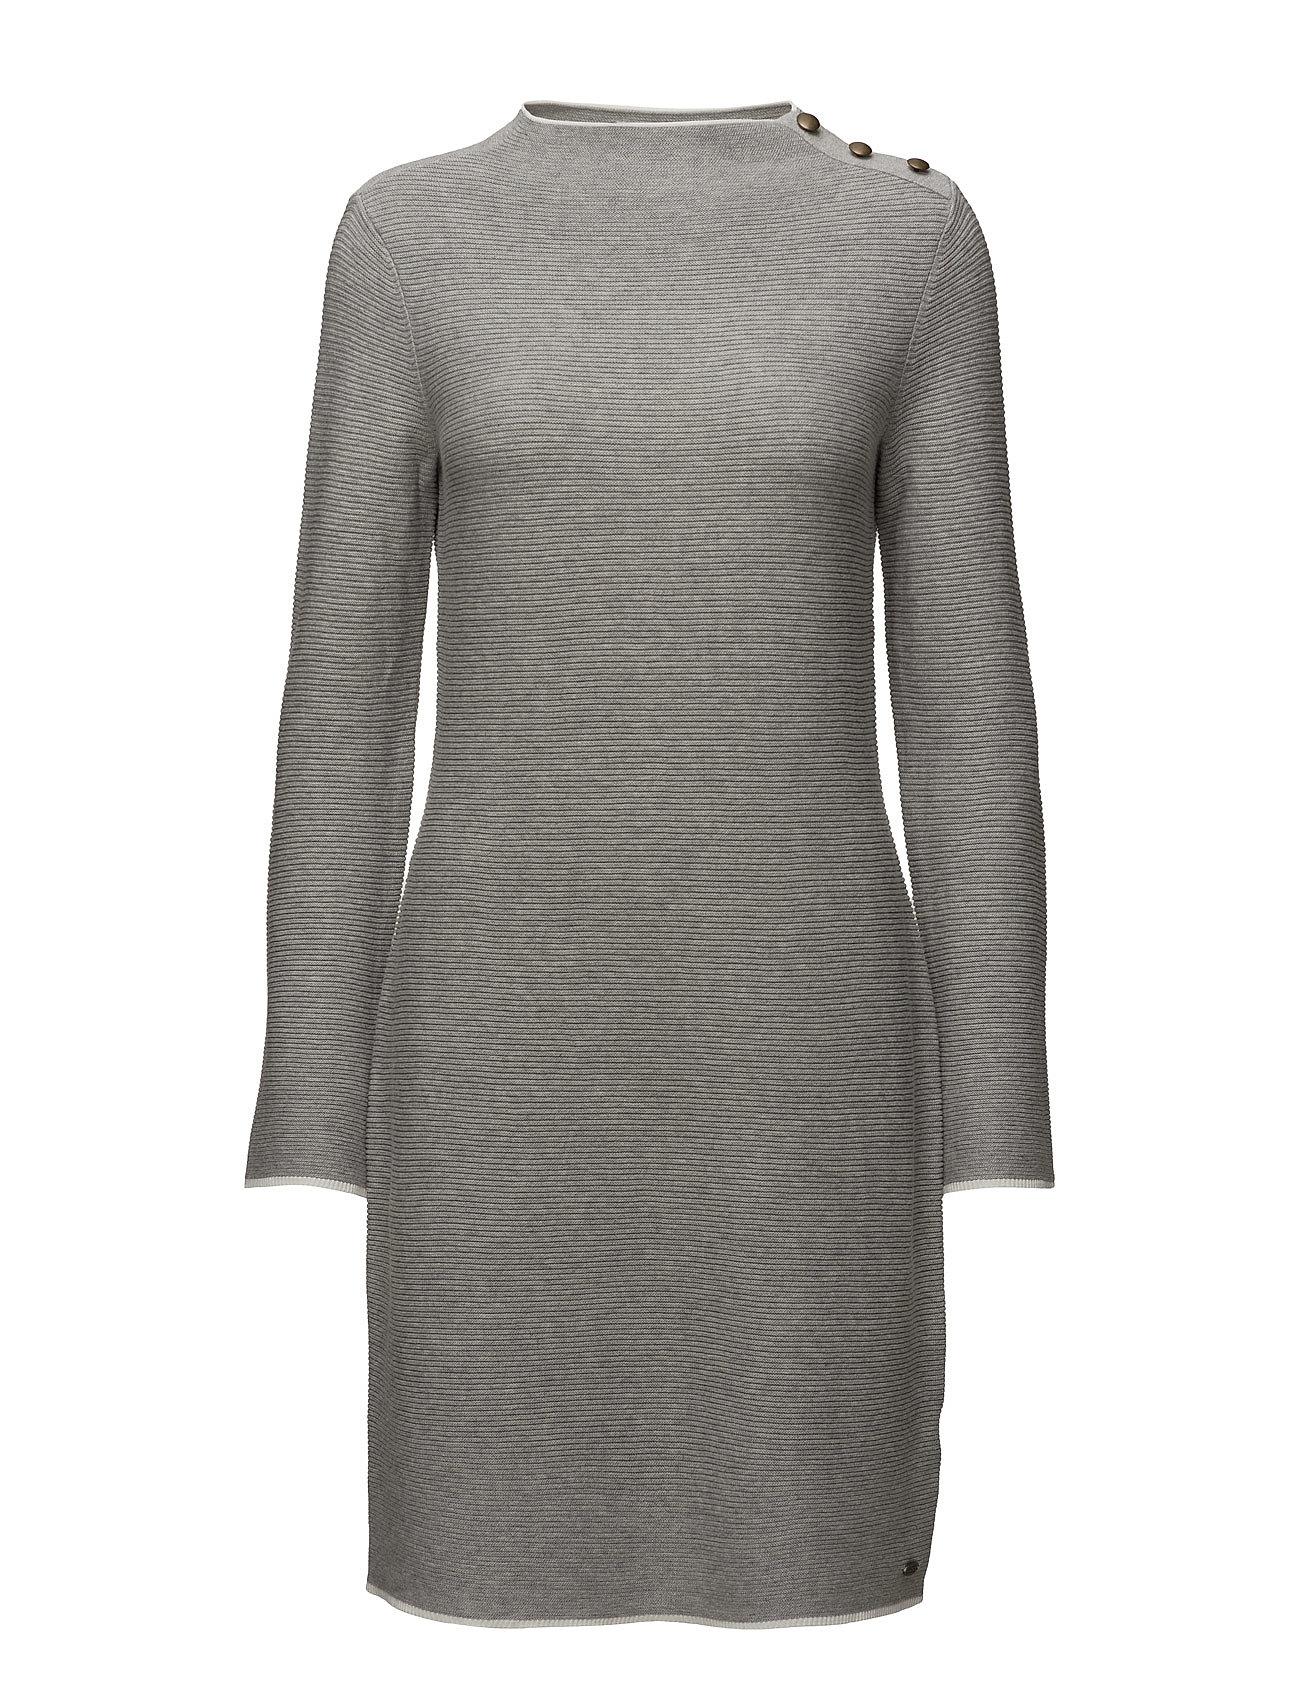 Dresses Flat Knitted EDC by Esprit Korte kjoler til Damer i Lysegrå